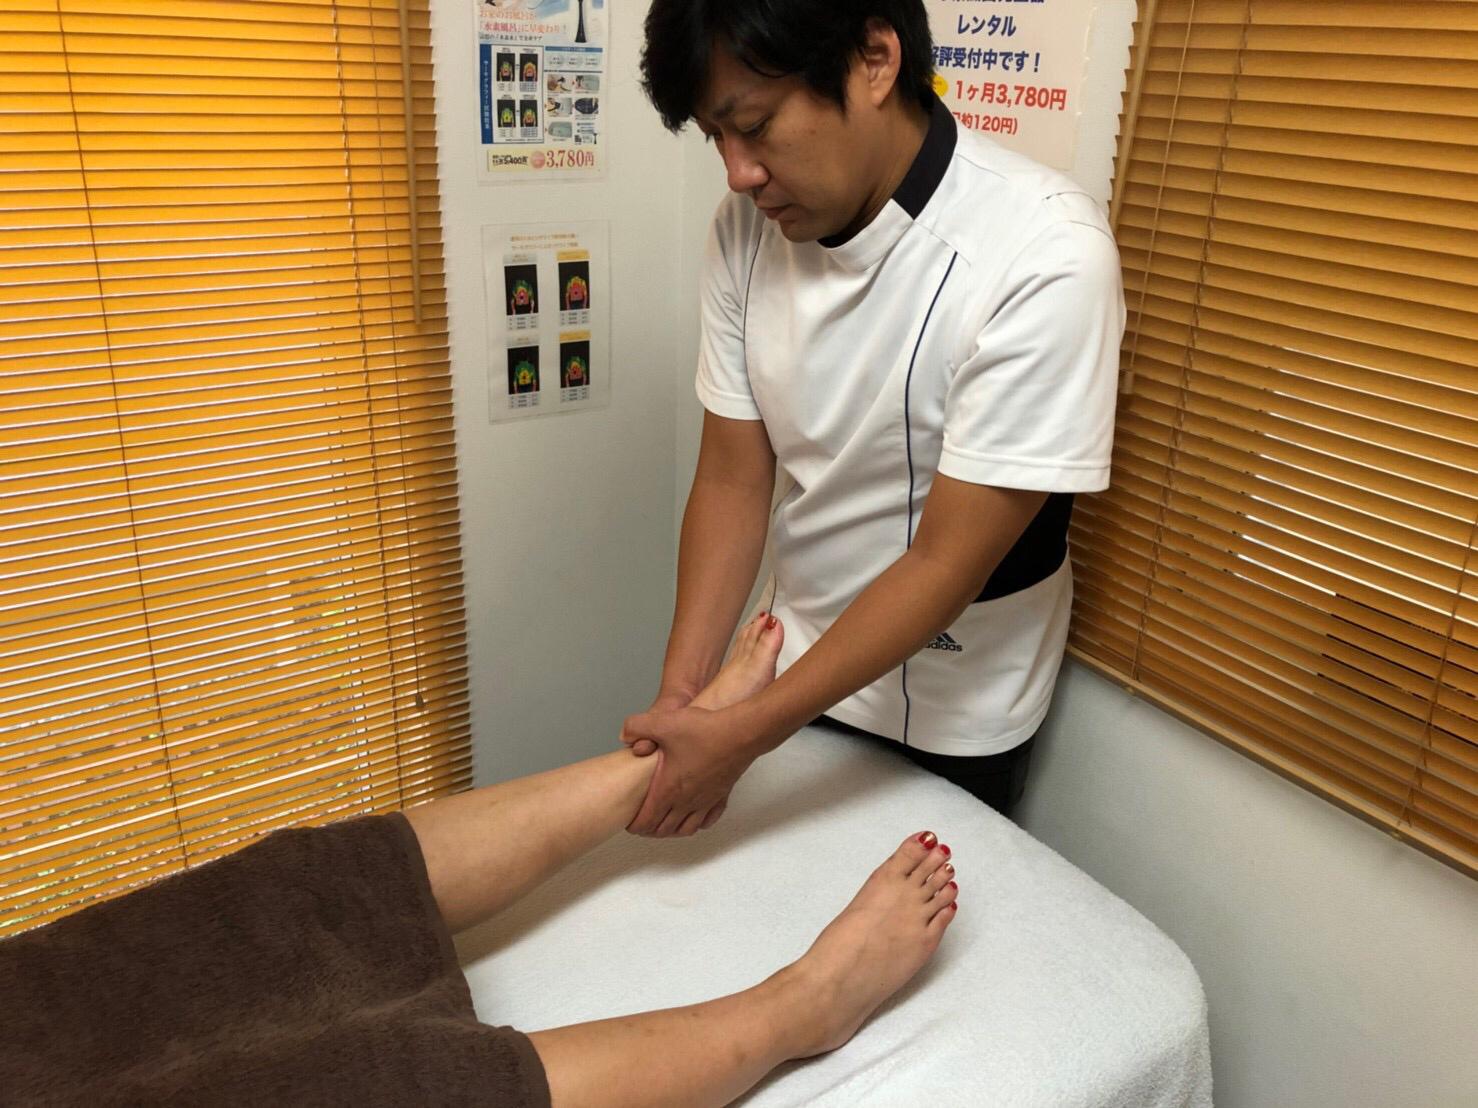 足首の捻挫施術イメージ